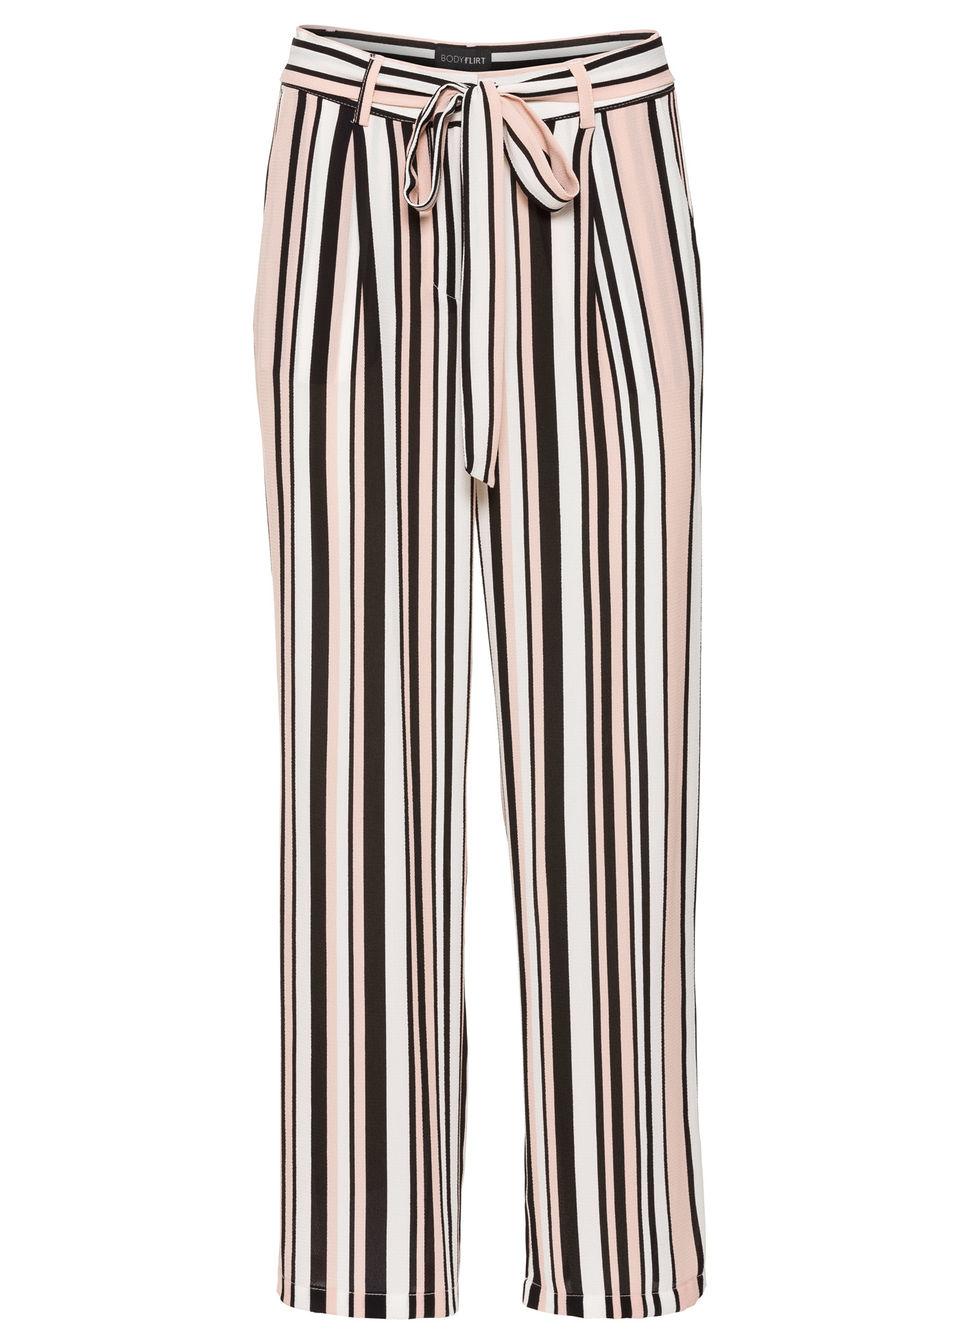 Spodnie 7/8, szerokie nogawki bonprix różowo-czarno-biel wełny w paski